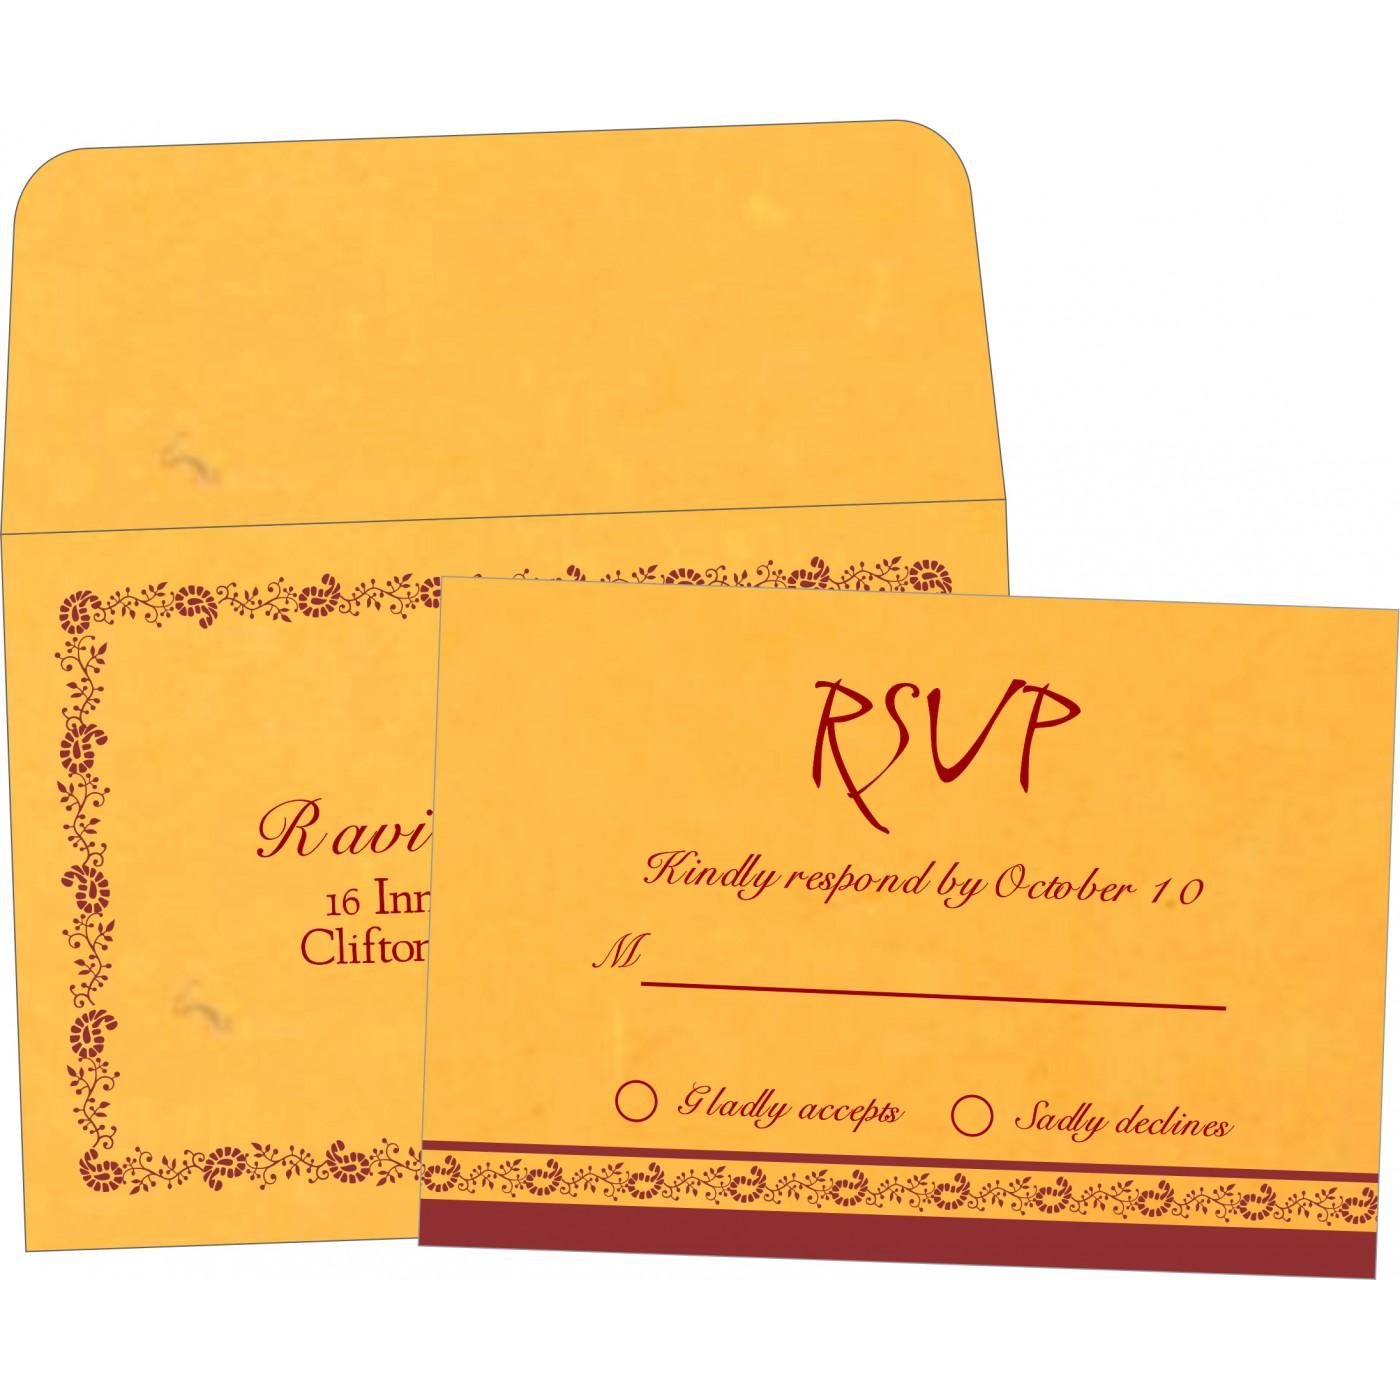 RSVP Cards : CRSVP-8208N - IndianWeddingCards